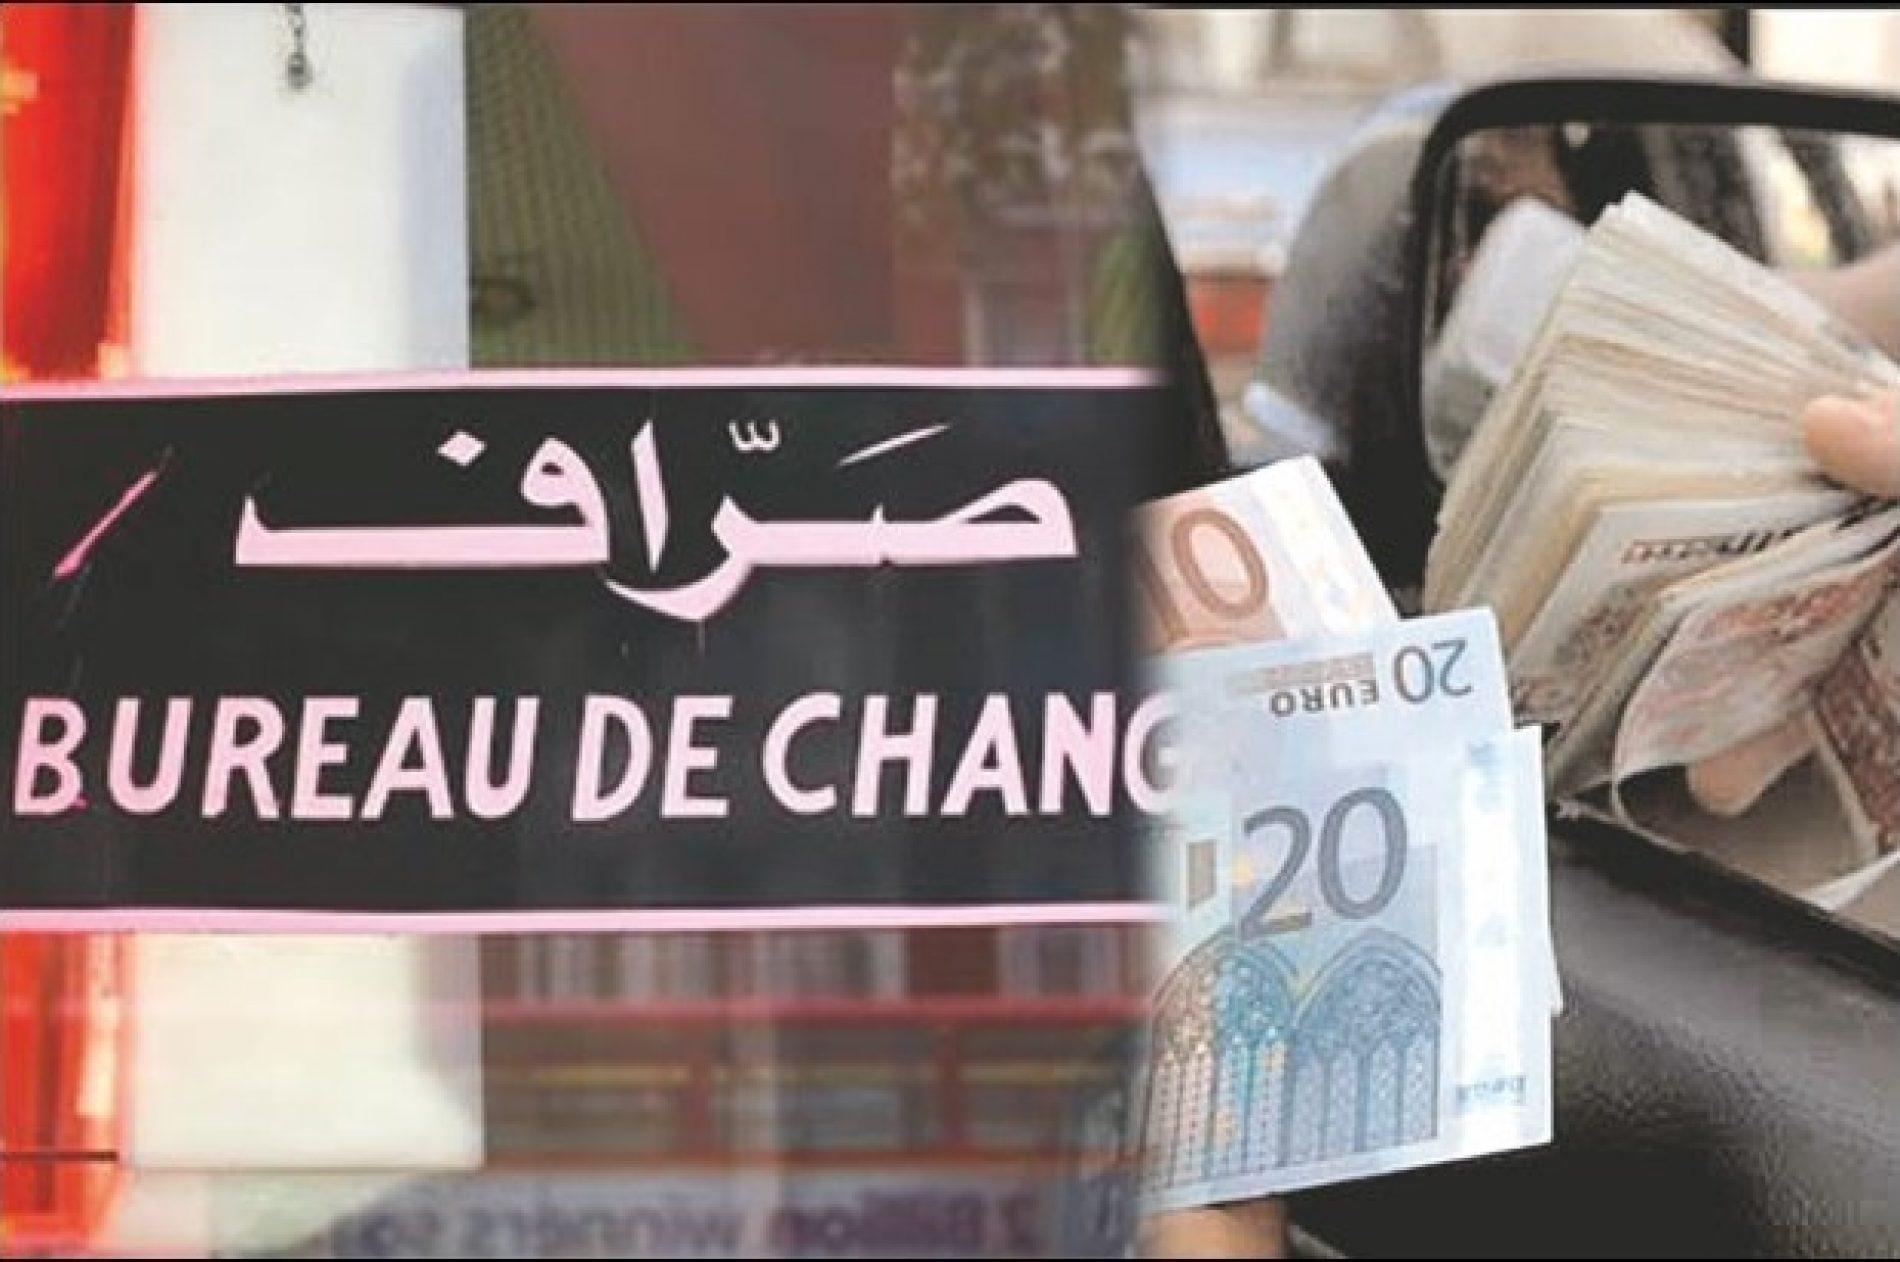 Banque d'Algérie: les voyageurs sont tenus de déclarer leurs devises dès le seuil de 1.000 euros